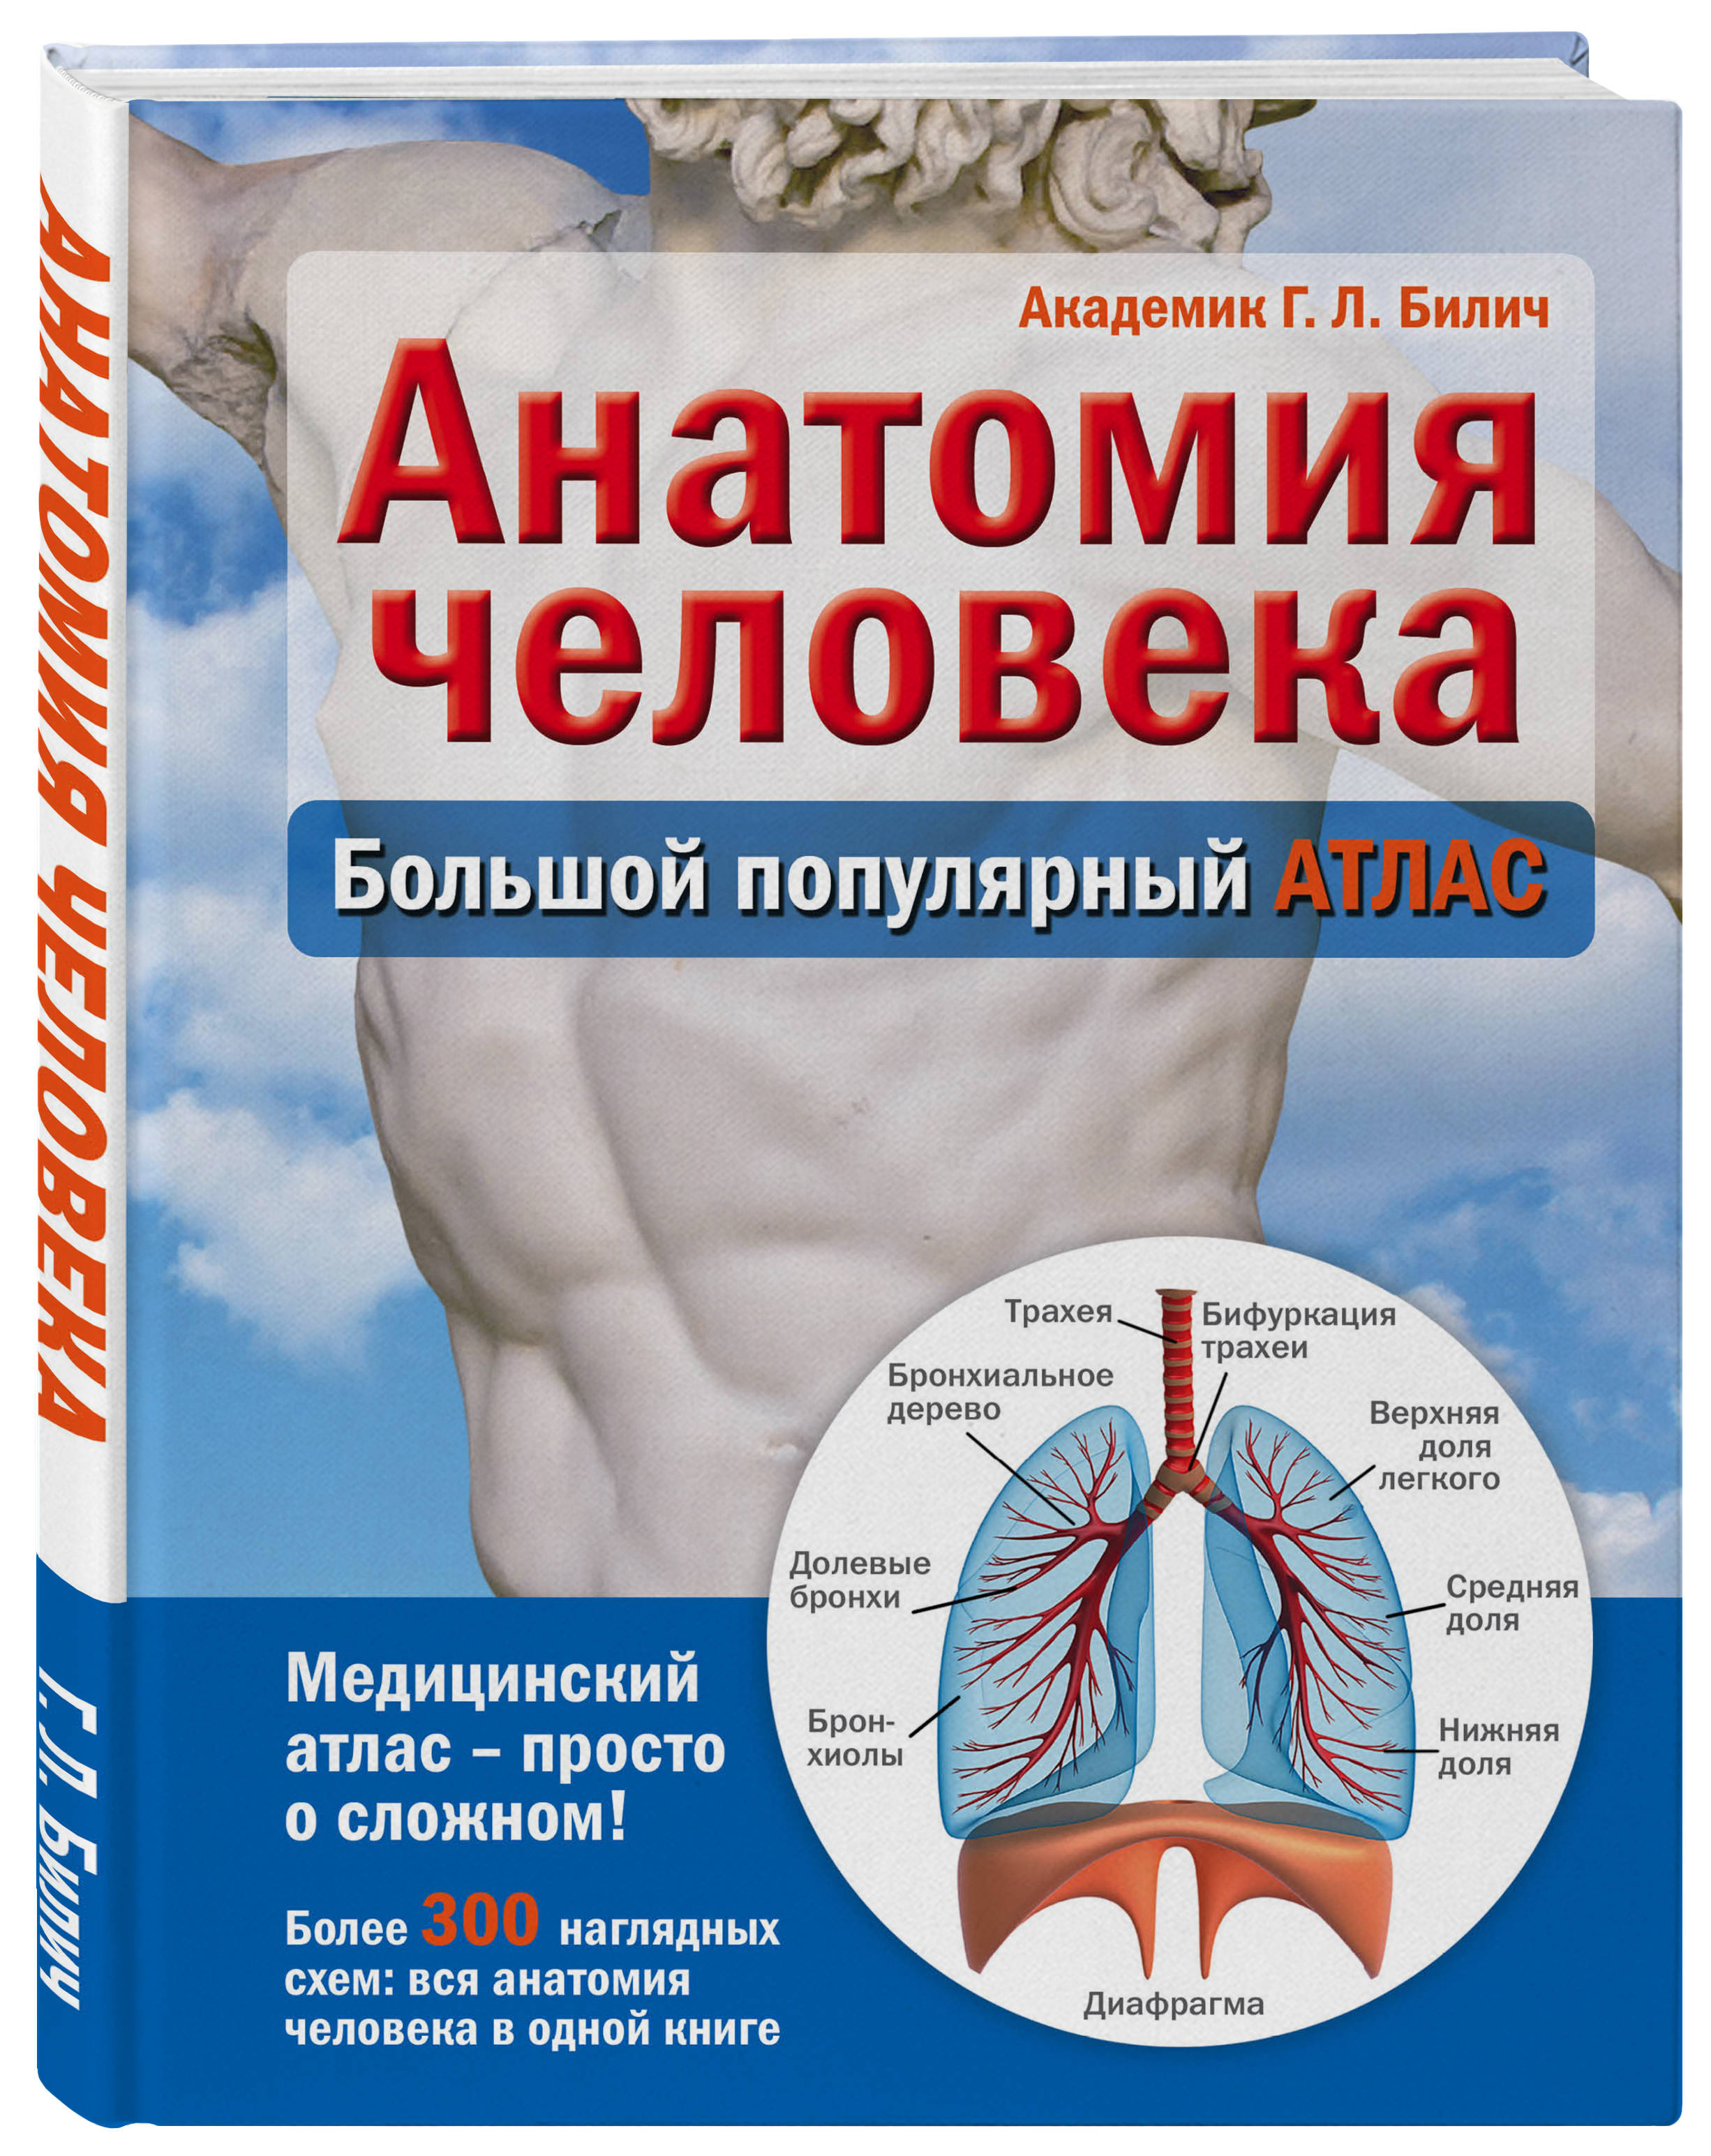 Билич Г. Анатомия человека: большой популярный атлас атлас билич крыжановский